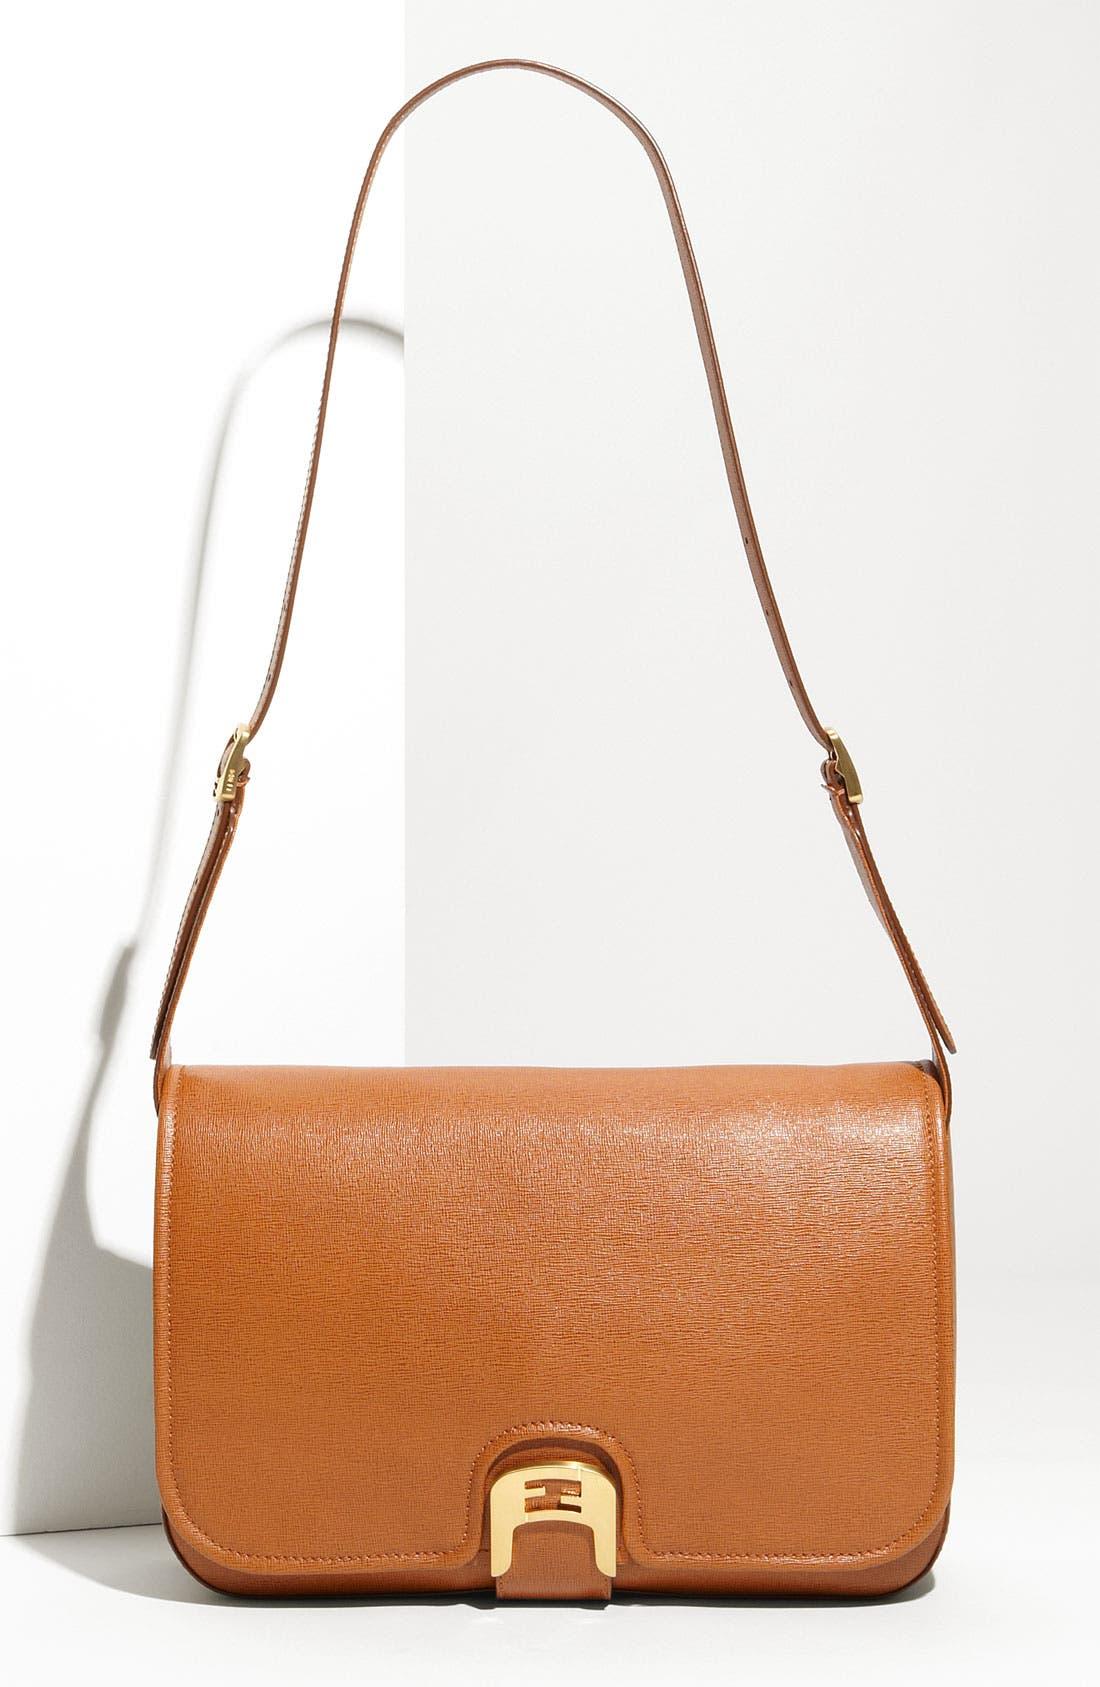 Alternate Image 1 Selected - Fendi 'Chameleon' Shoulder Bag